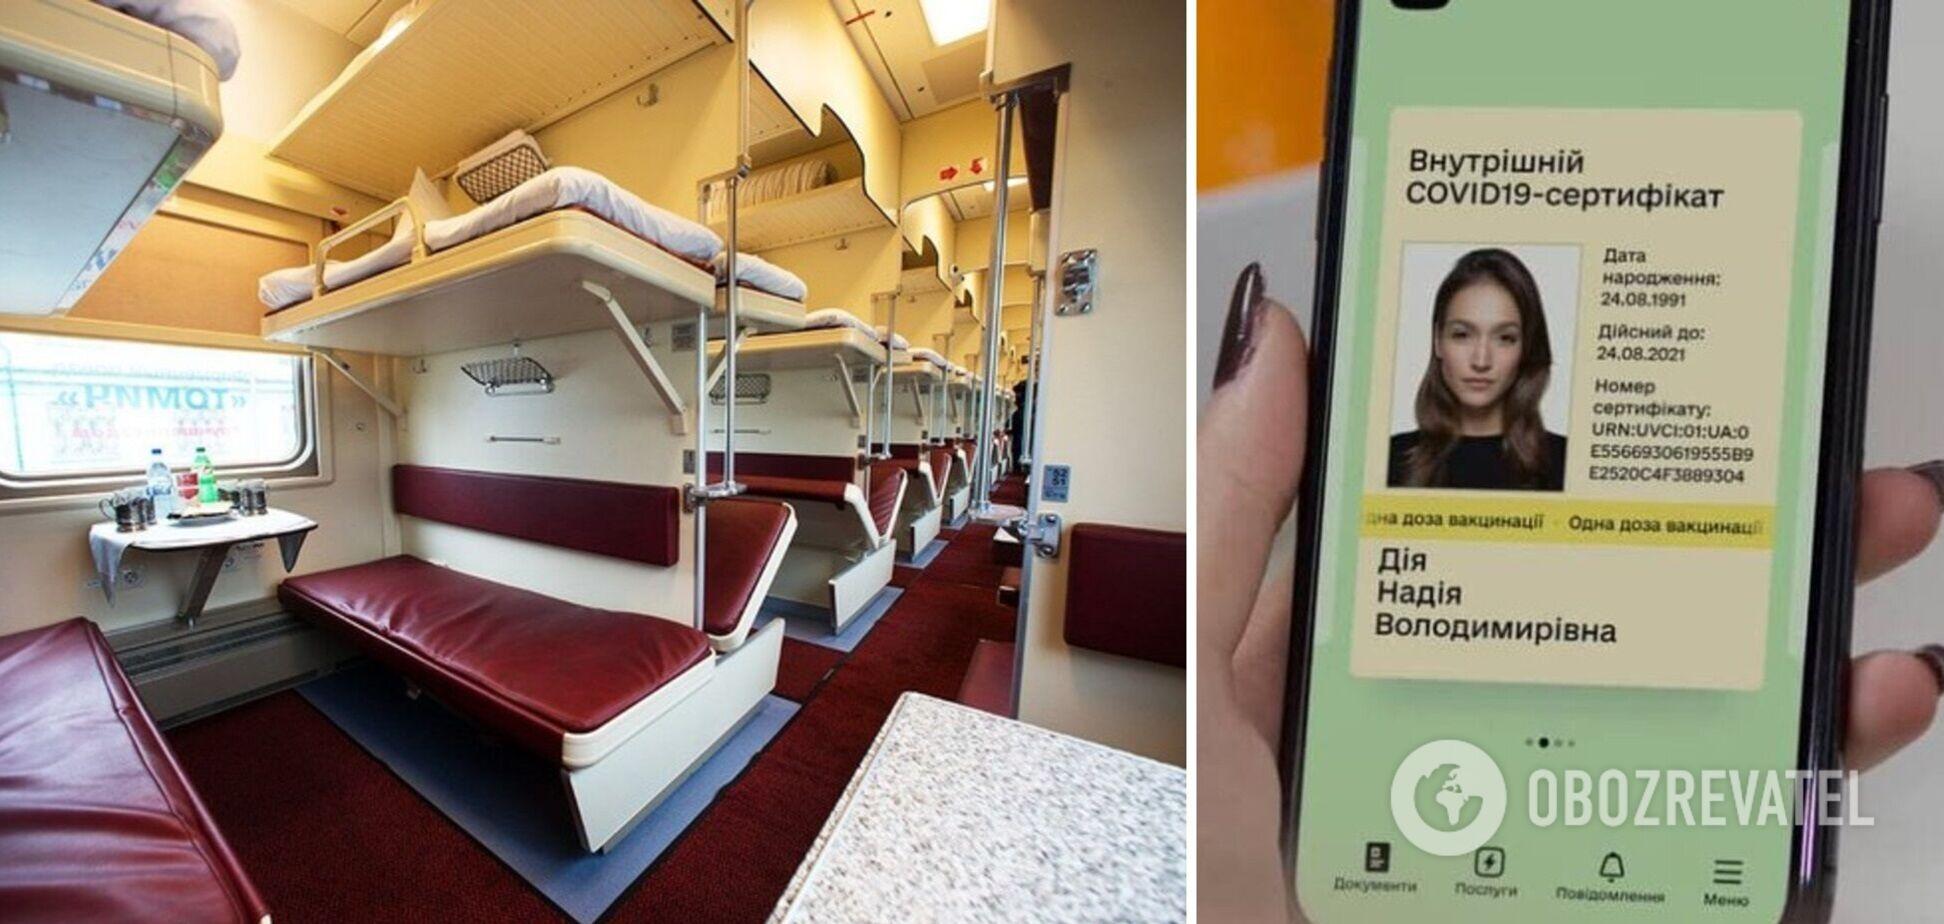 Нові правила для проїзду в поїздах набрали чинності 21 жовтня